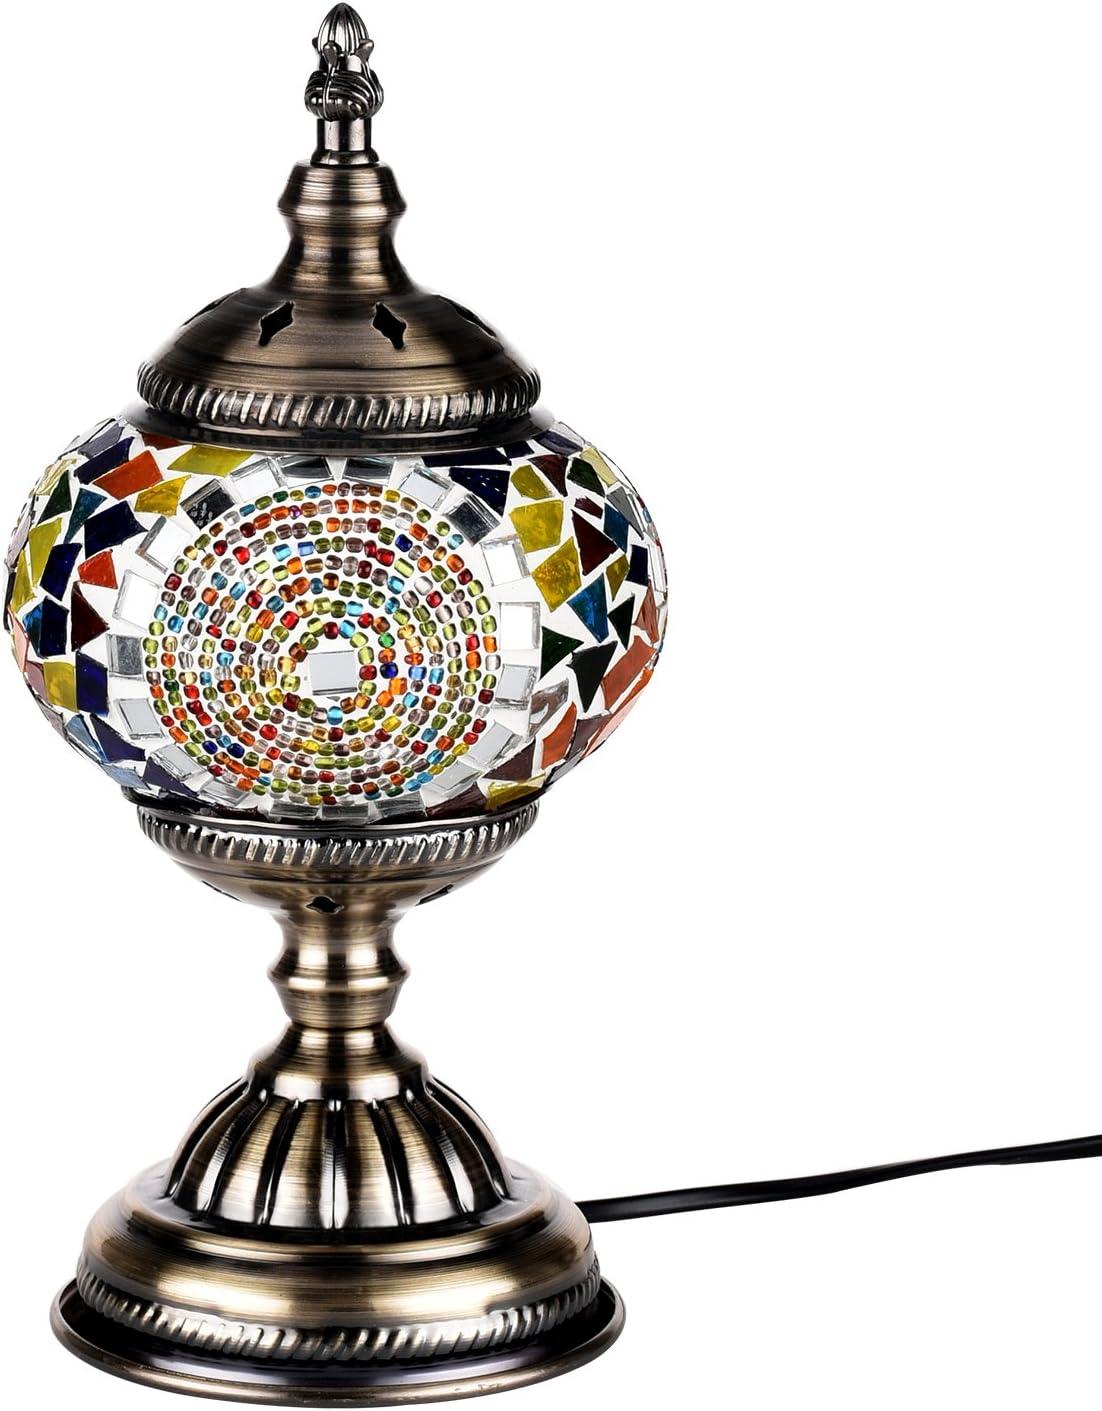 Lampada Turca da Tavolo Mosaico di Vetro per Comodino Vintage da Decorare Bronze Base Blu Fatta a mano